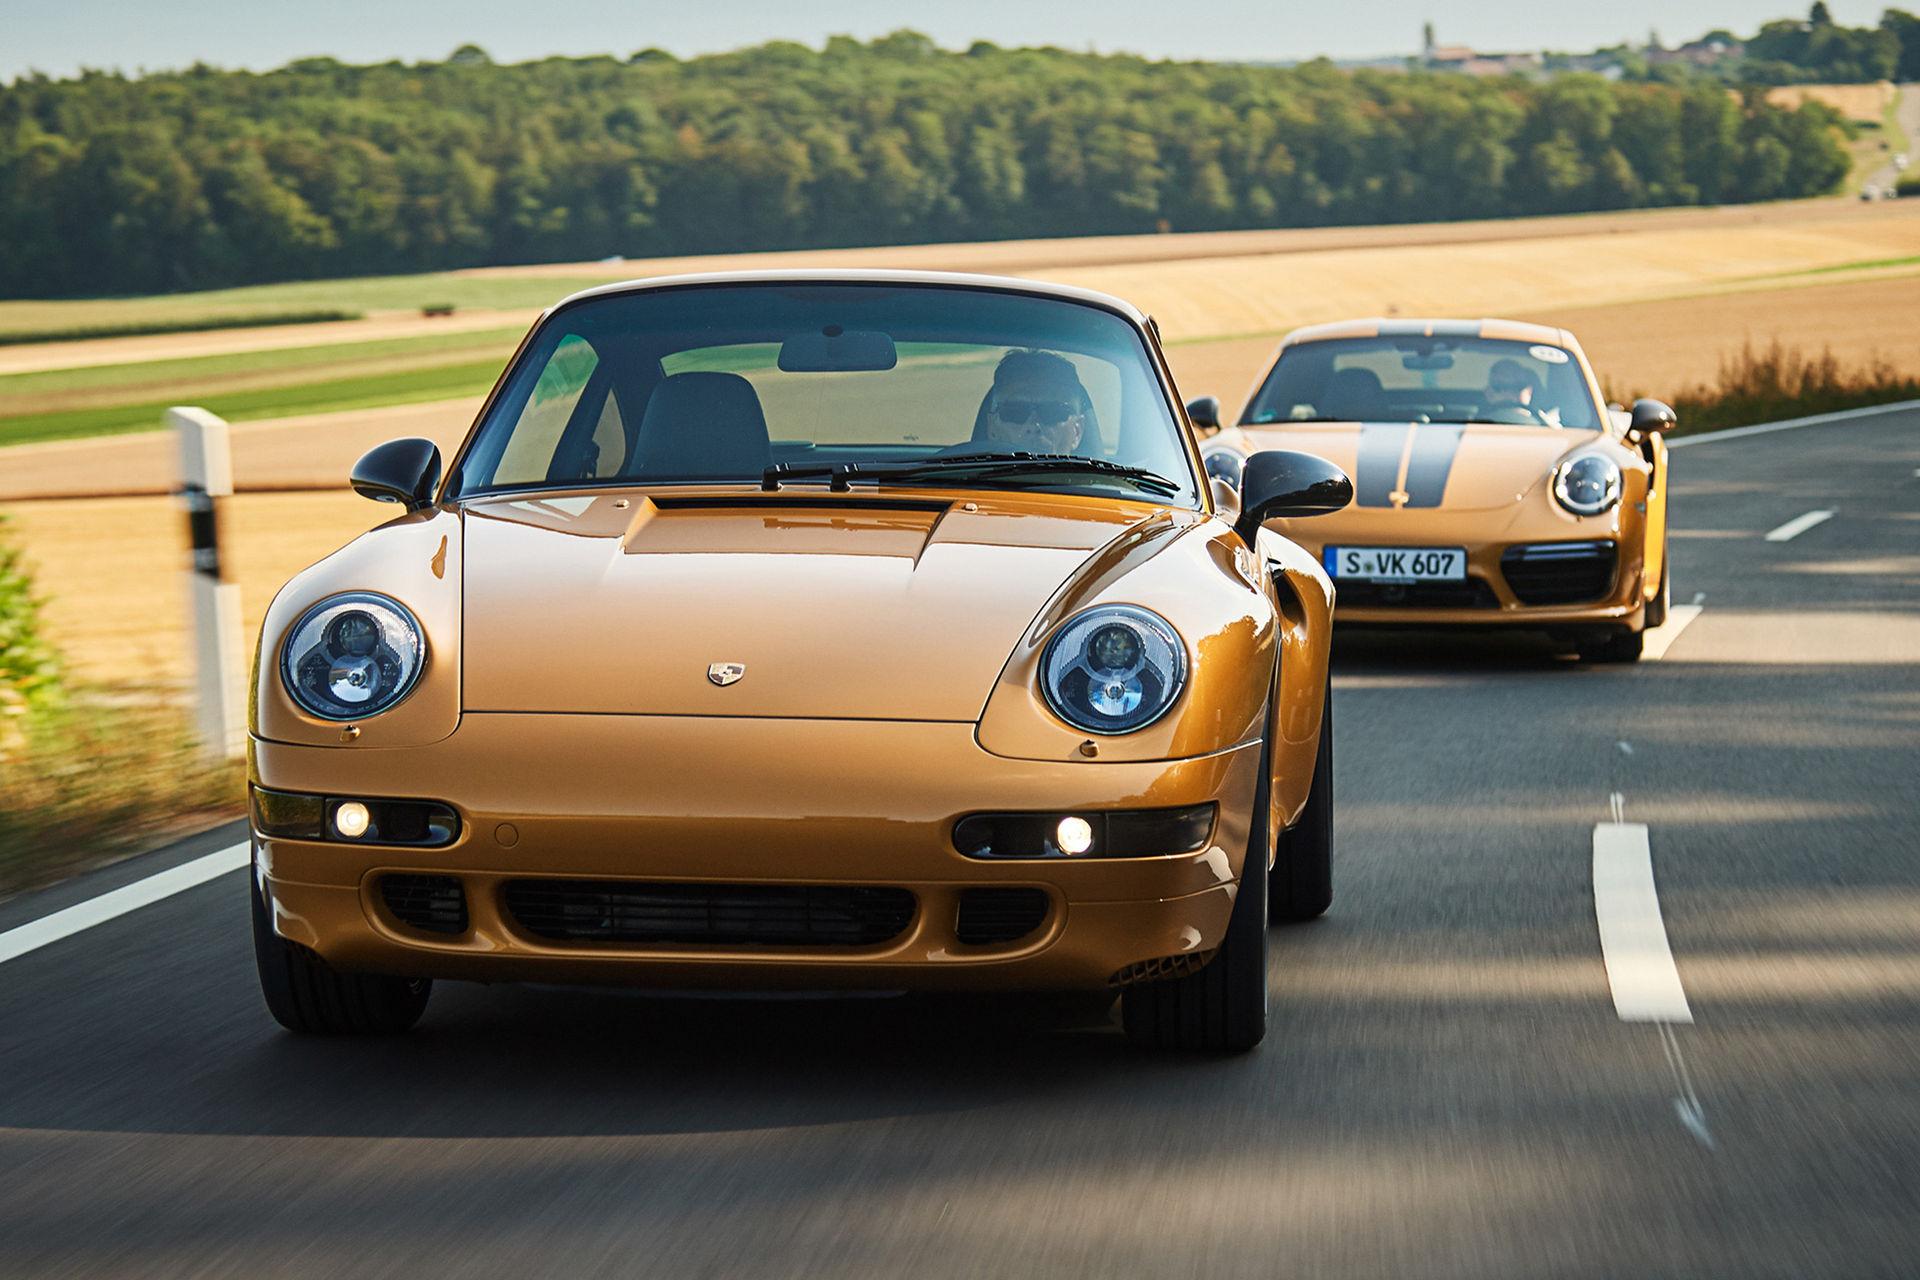 Porsche har byggt en ny 993 Turbo